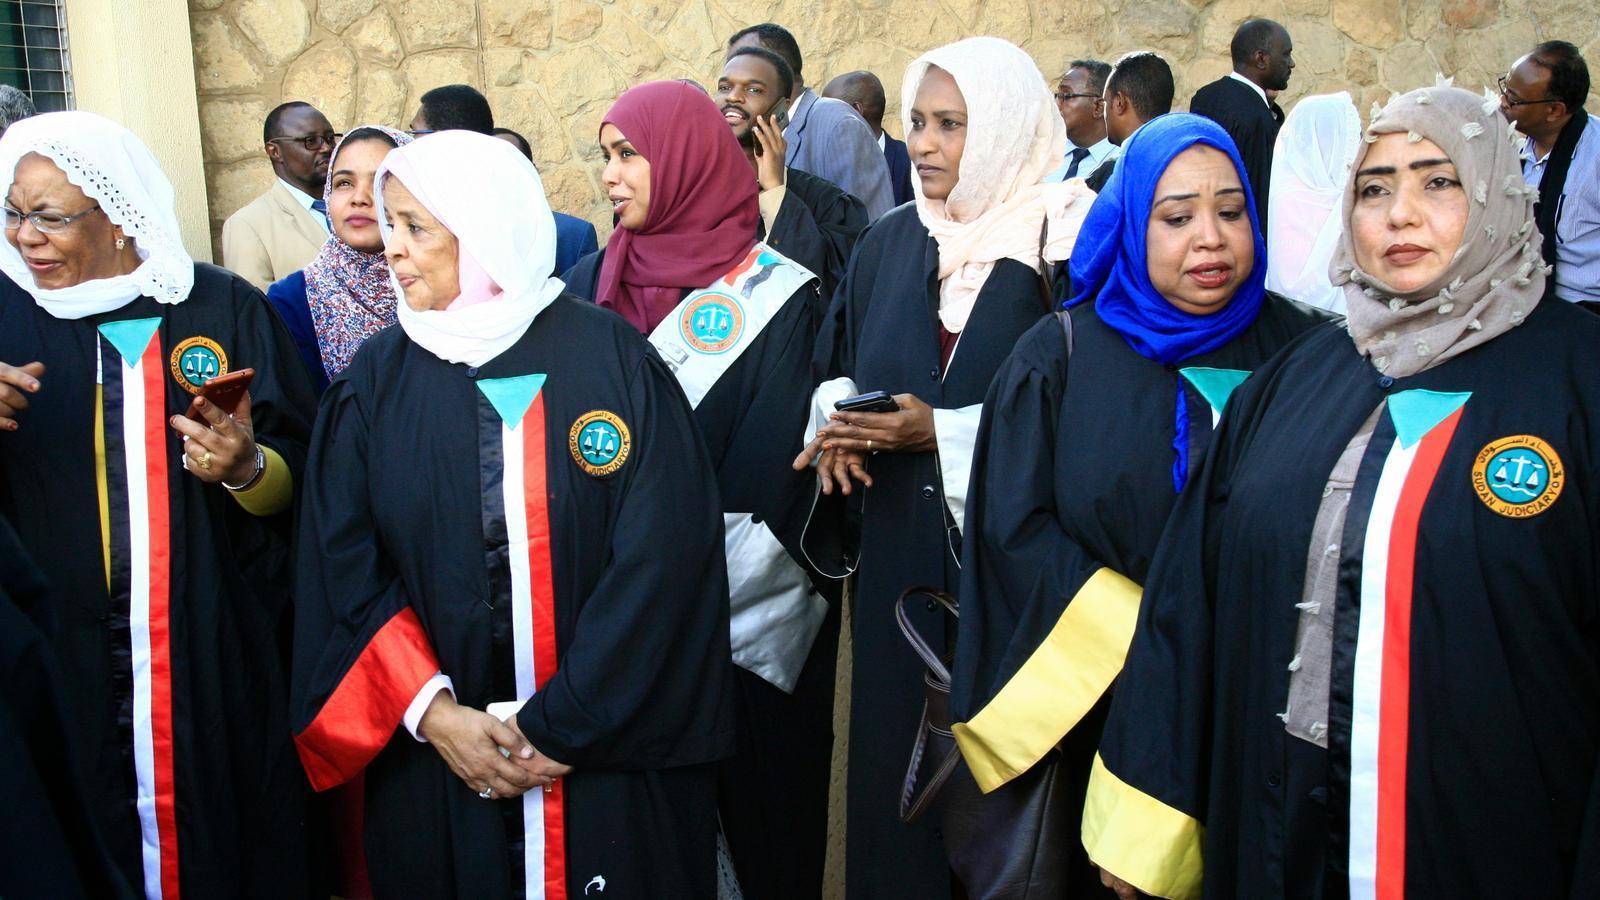 La farmacèutica que fa la revolució al Sudan